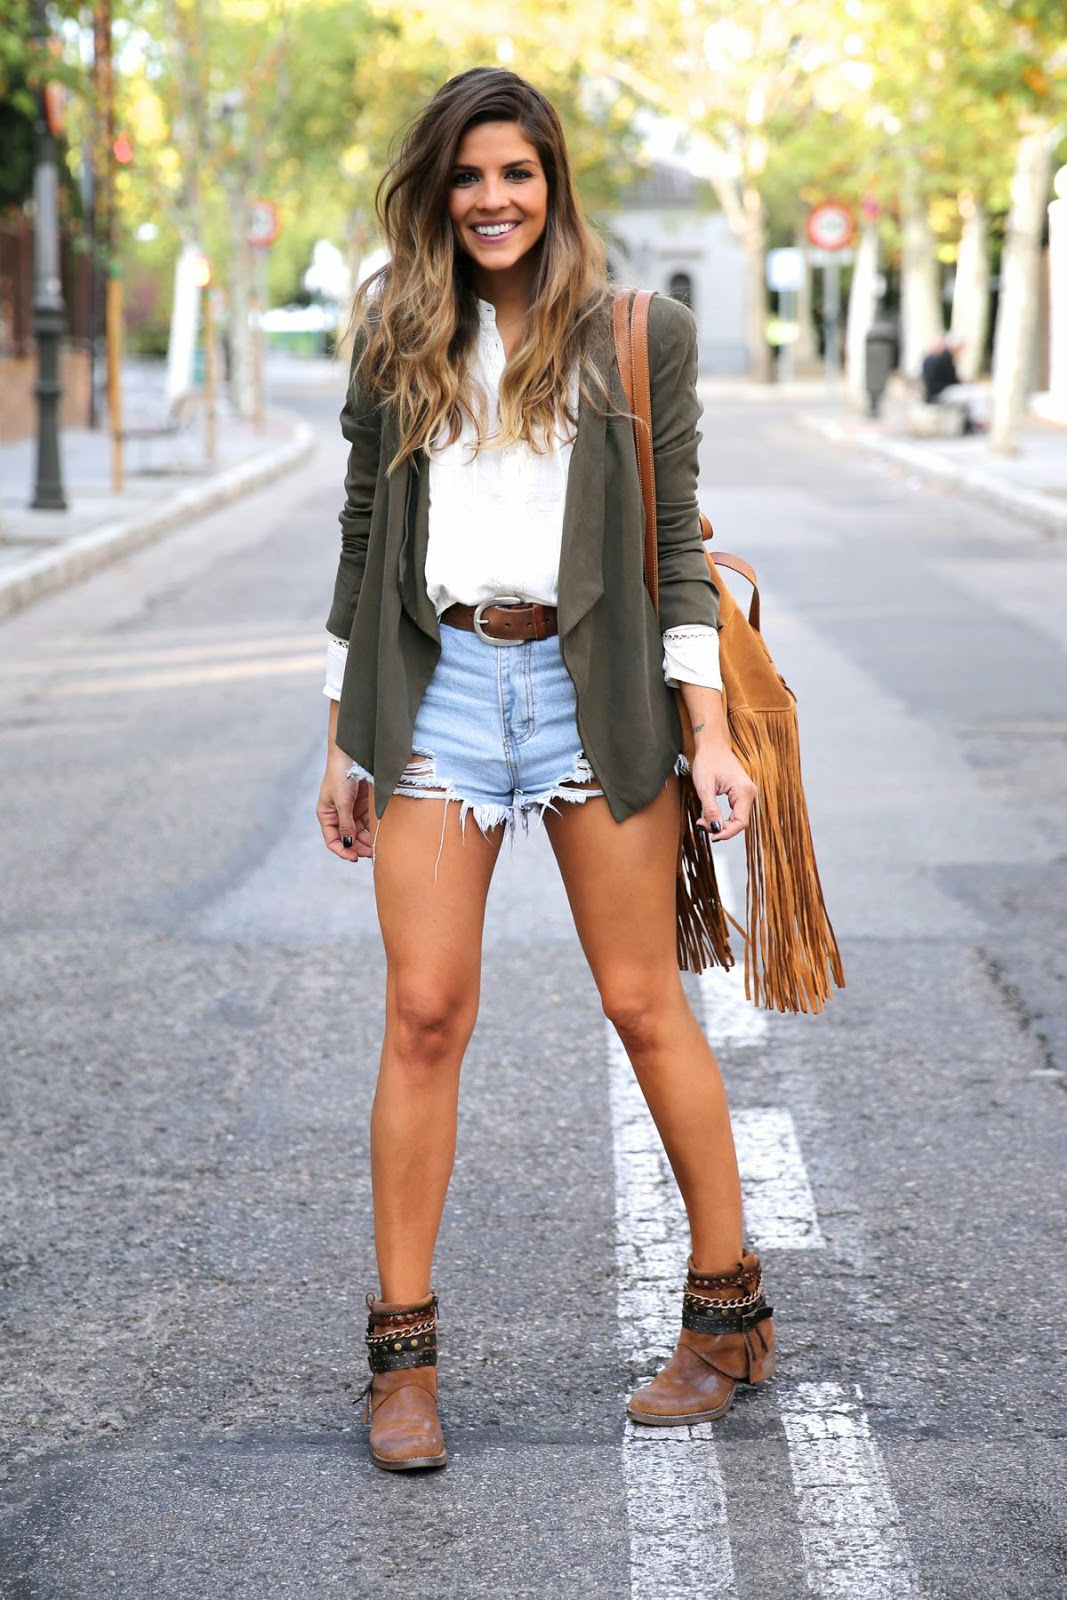 imagenes de pantalones cortos de mujeres - pantalones vaqueros, las mujeres, pantalones cortos, mujer